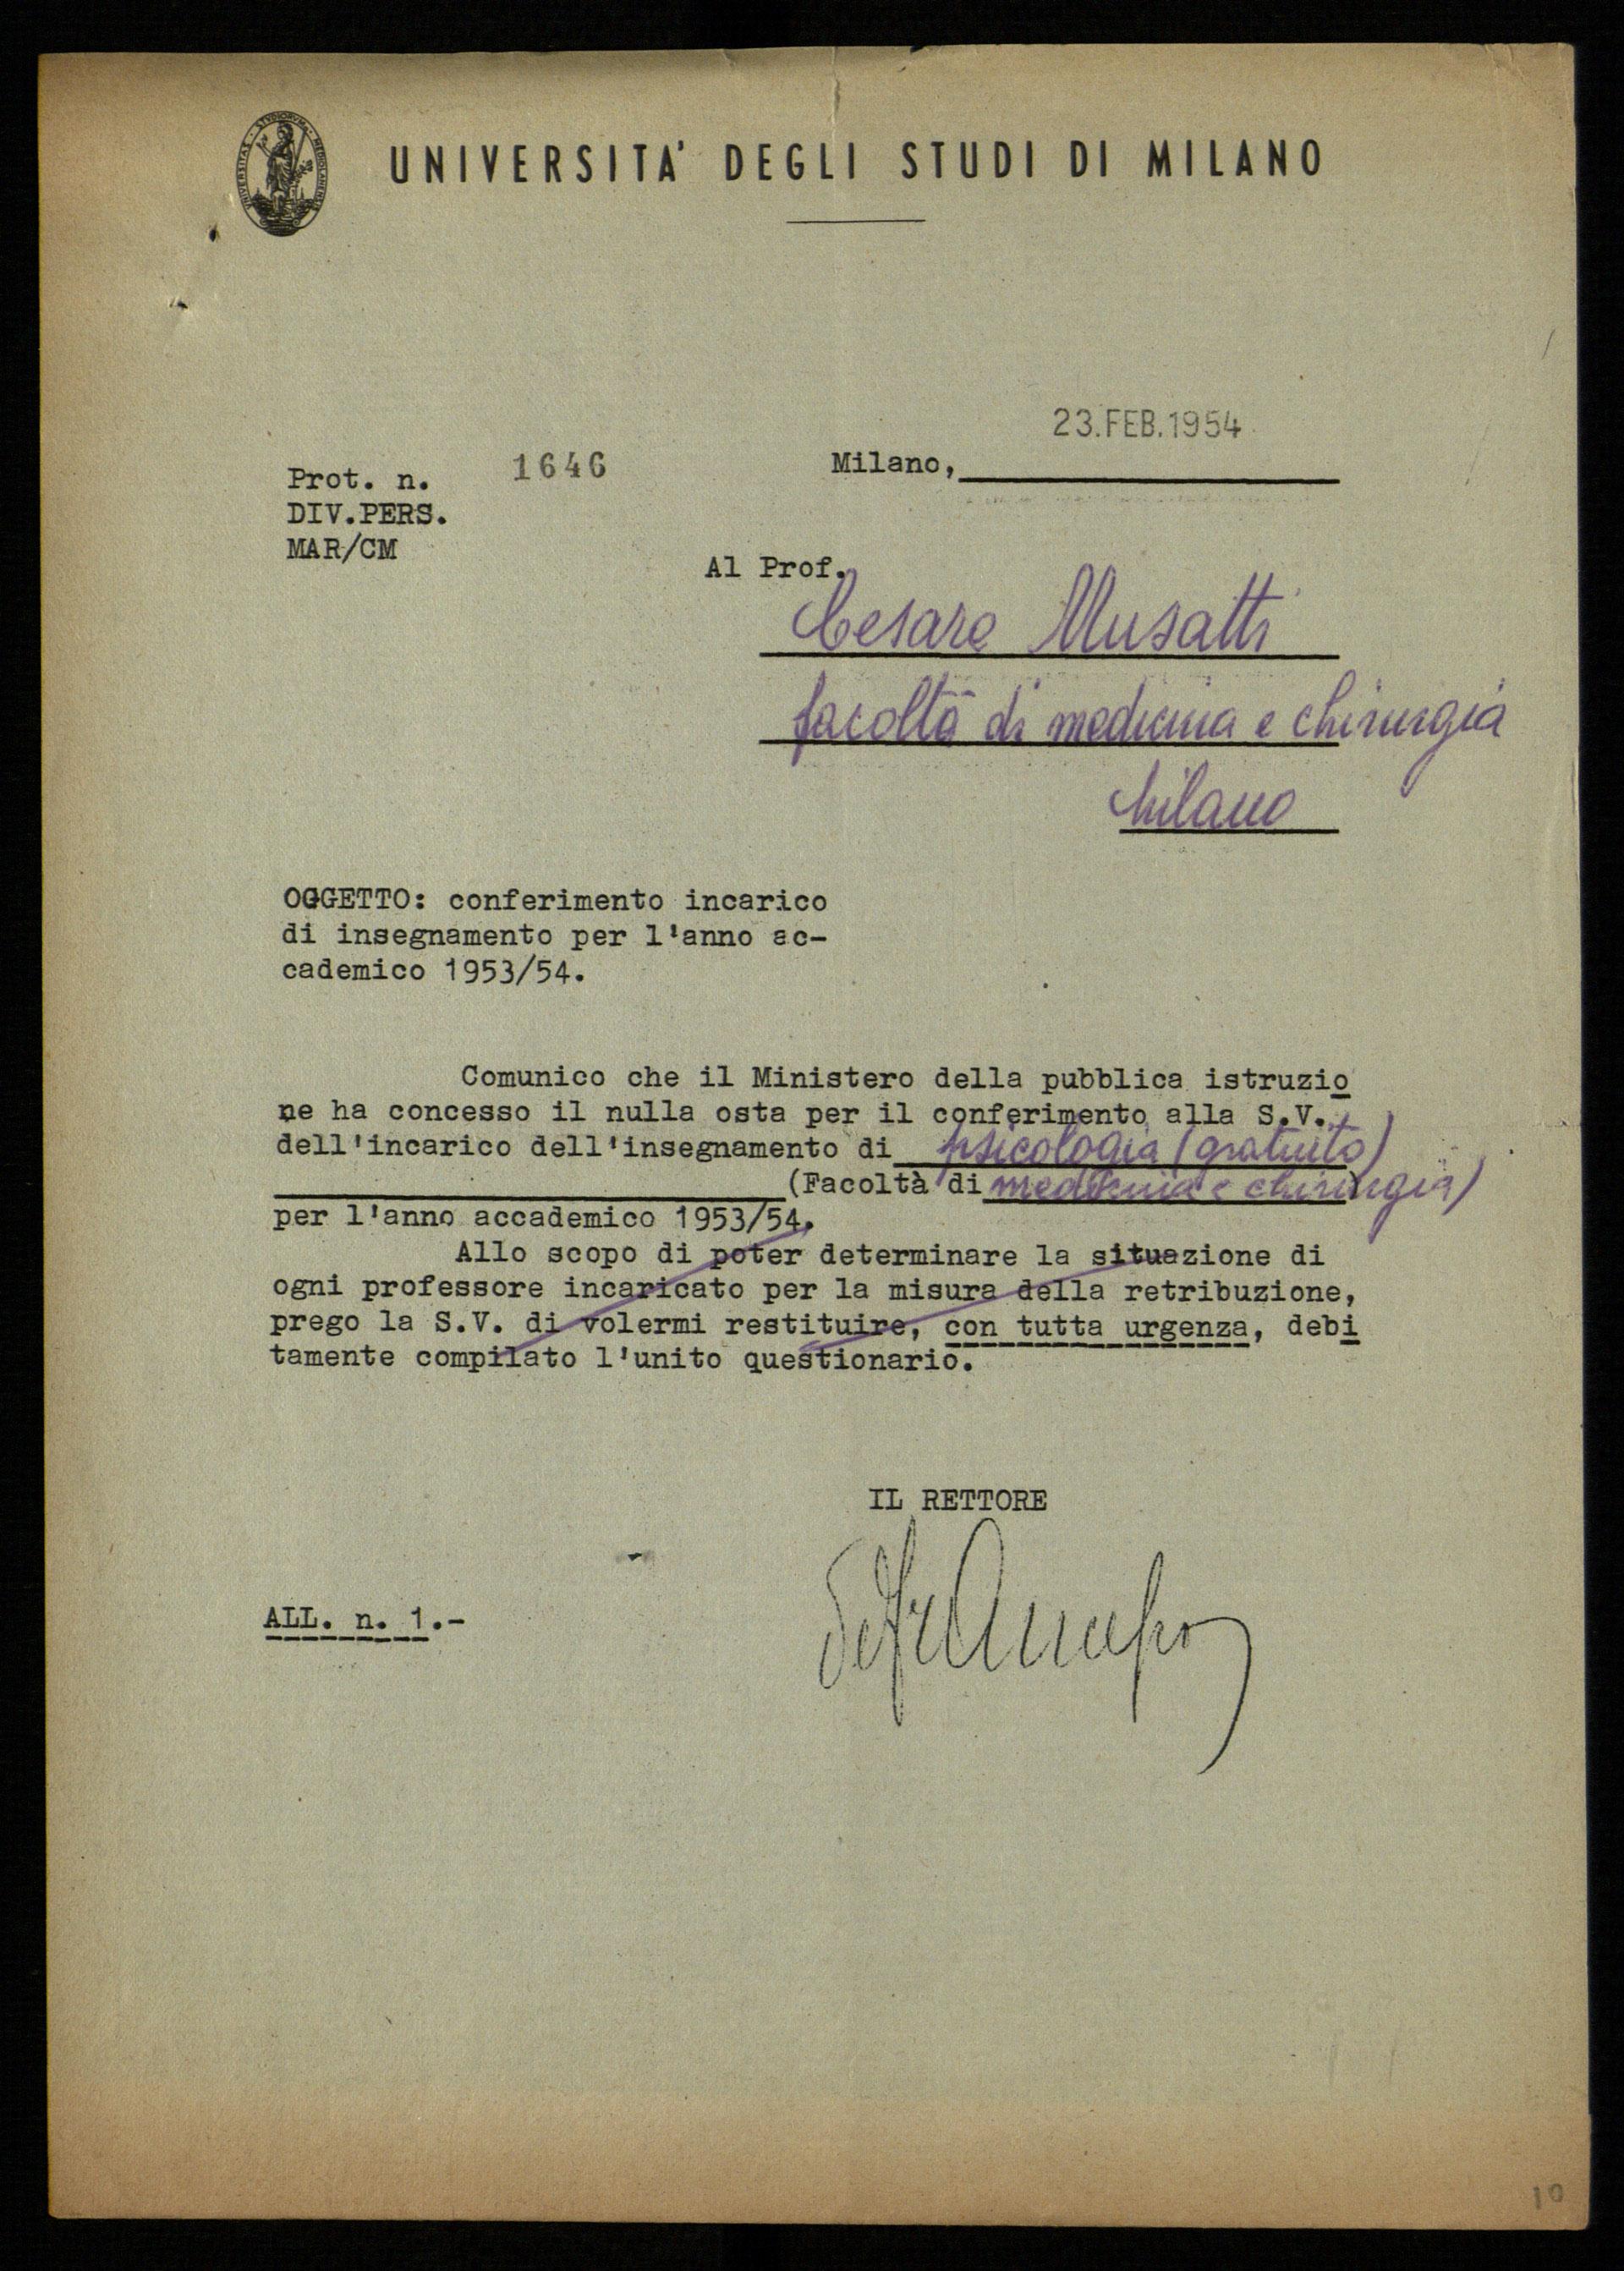 Avviso dell'Università di Milano a Cesare Musatti di conferimento dell'incarico di Psicologia, 1954